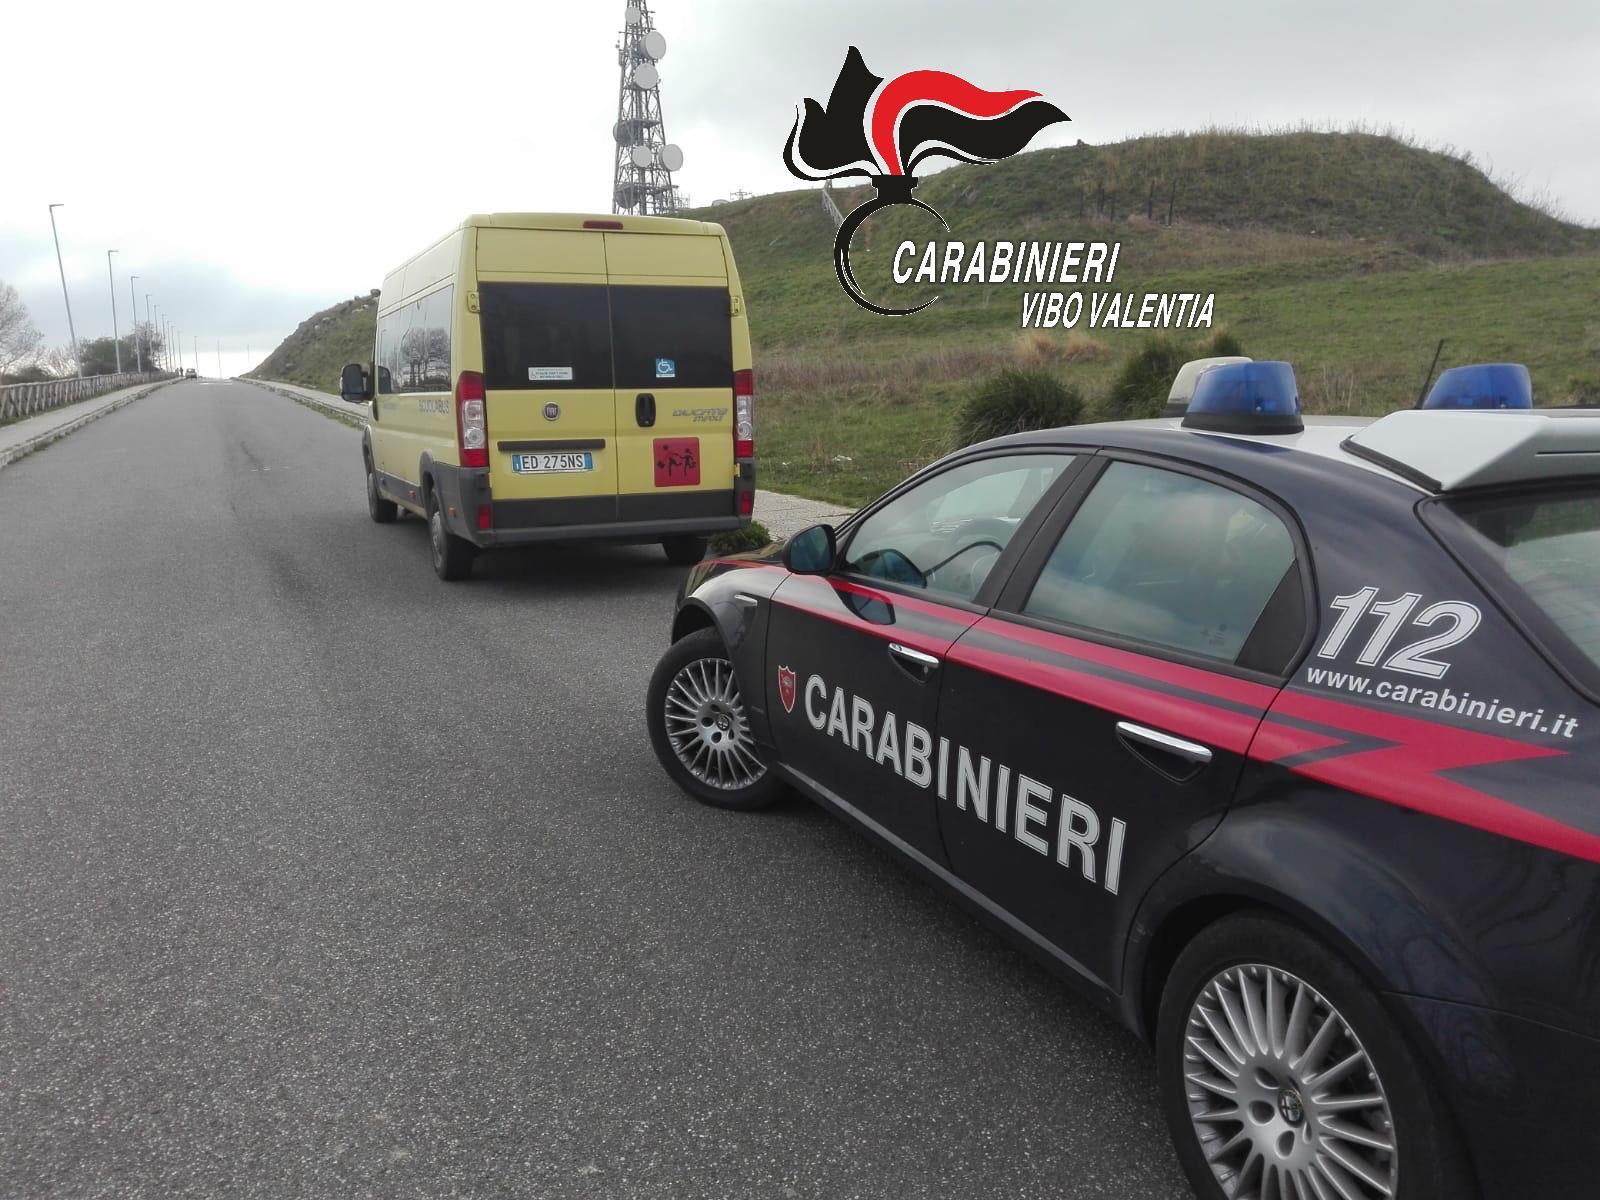 Cessaniti, scuolabus senza assicurazioneMezzo sequestrato ad un controllo dai carabinieri